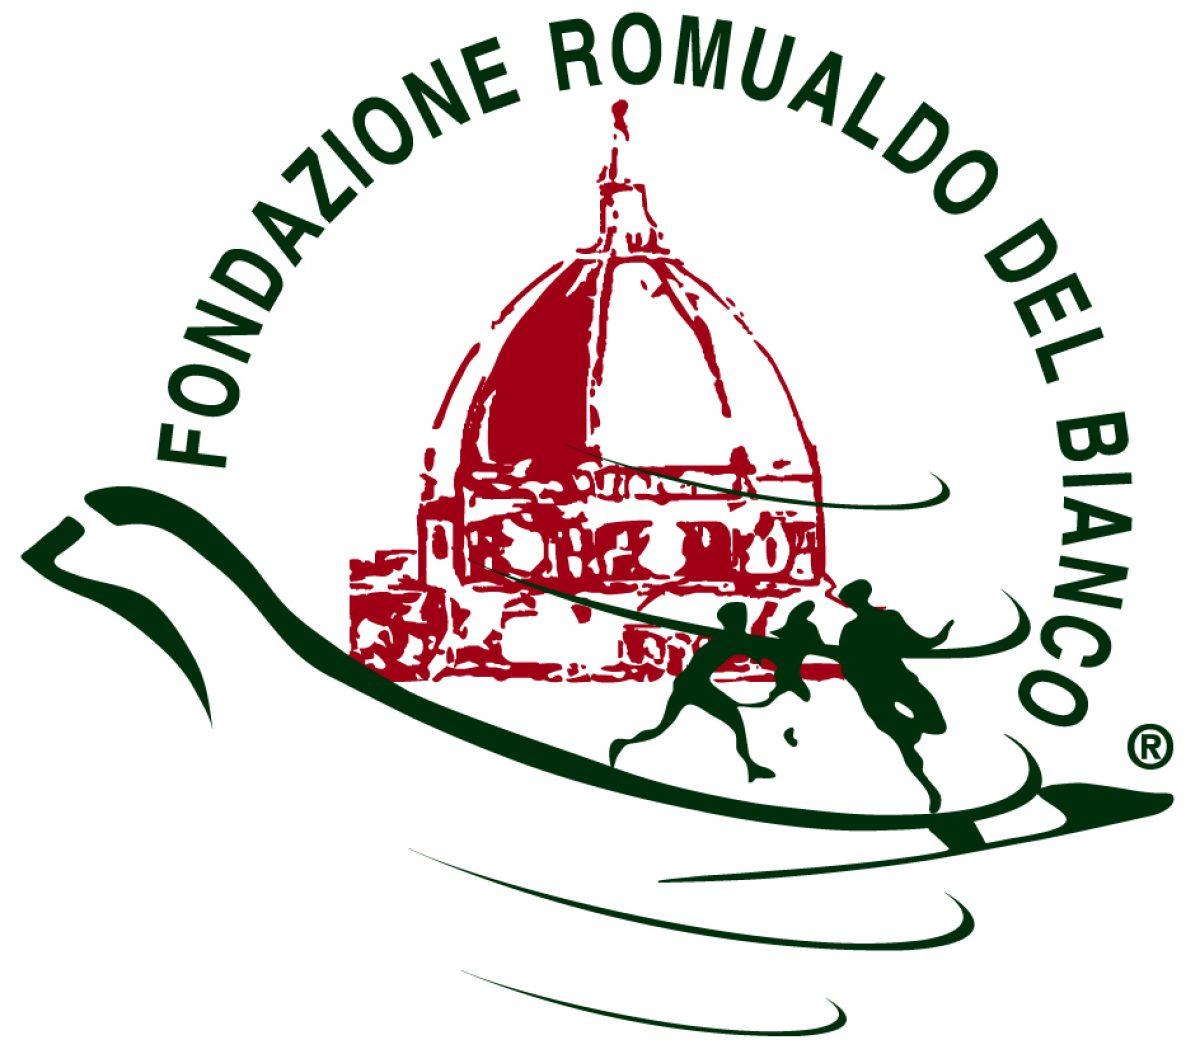 7ο Διεθνές Συνέδριο για τα σύγχρονα προβλήματα αρχιτεκτονικής και κατασκευής, 19-21 Νοεμβρίου 2015, Φλωρεντία (Ιταλία)